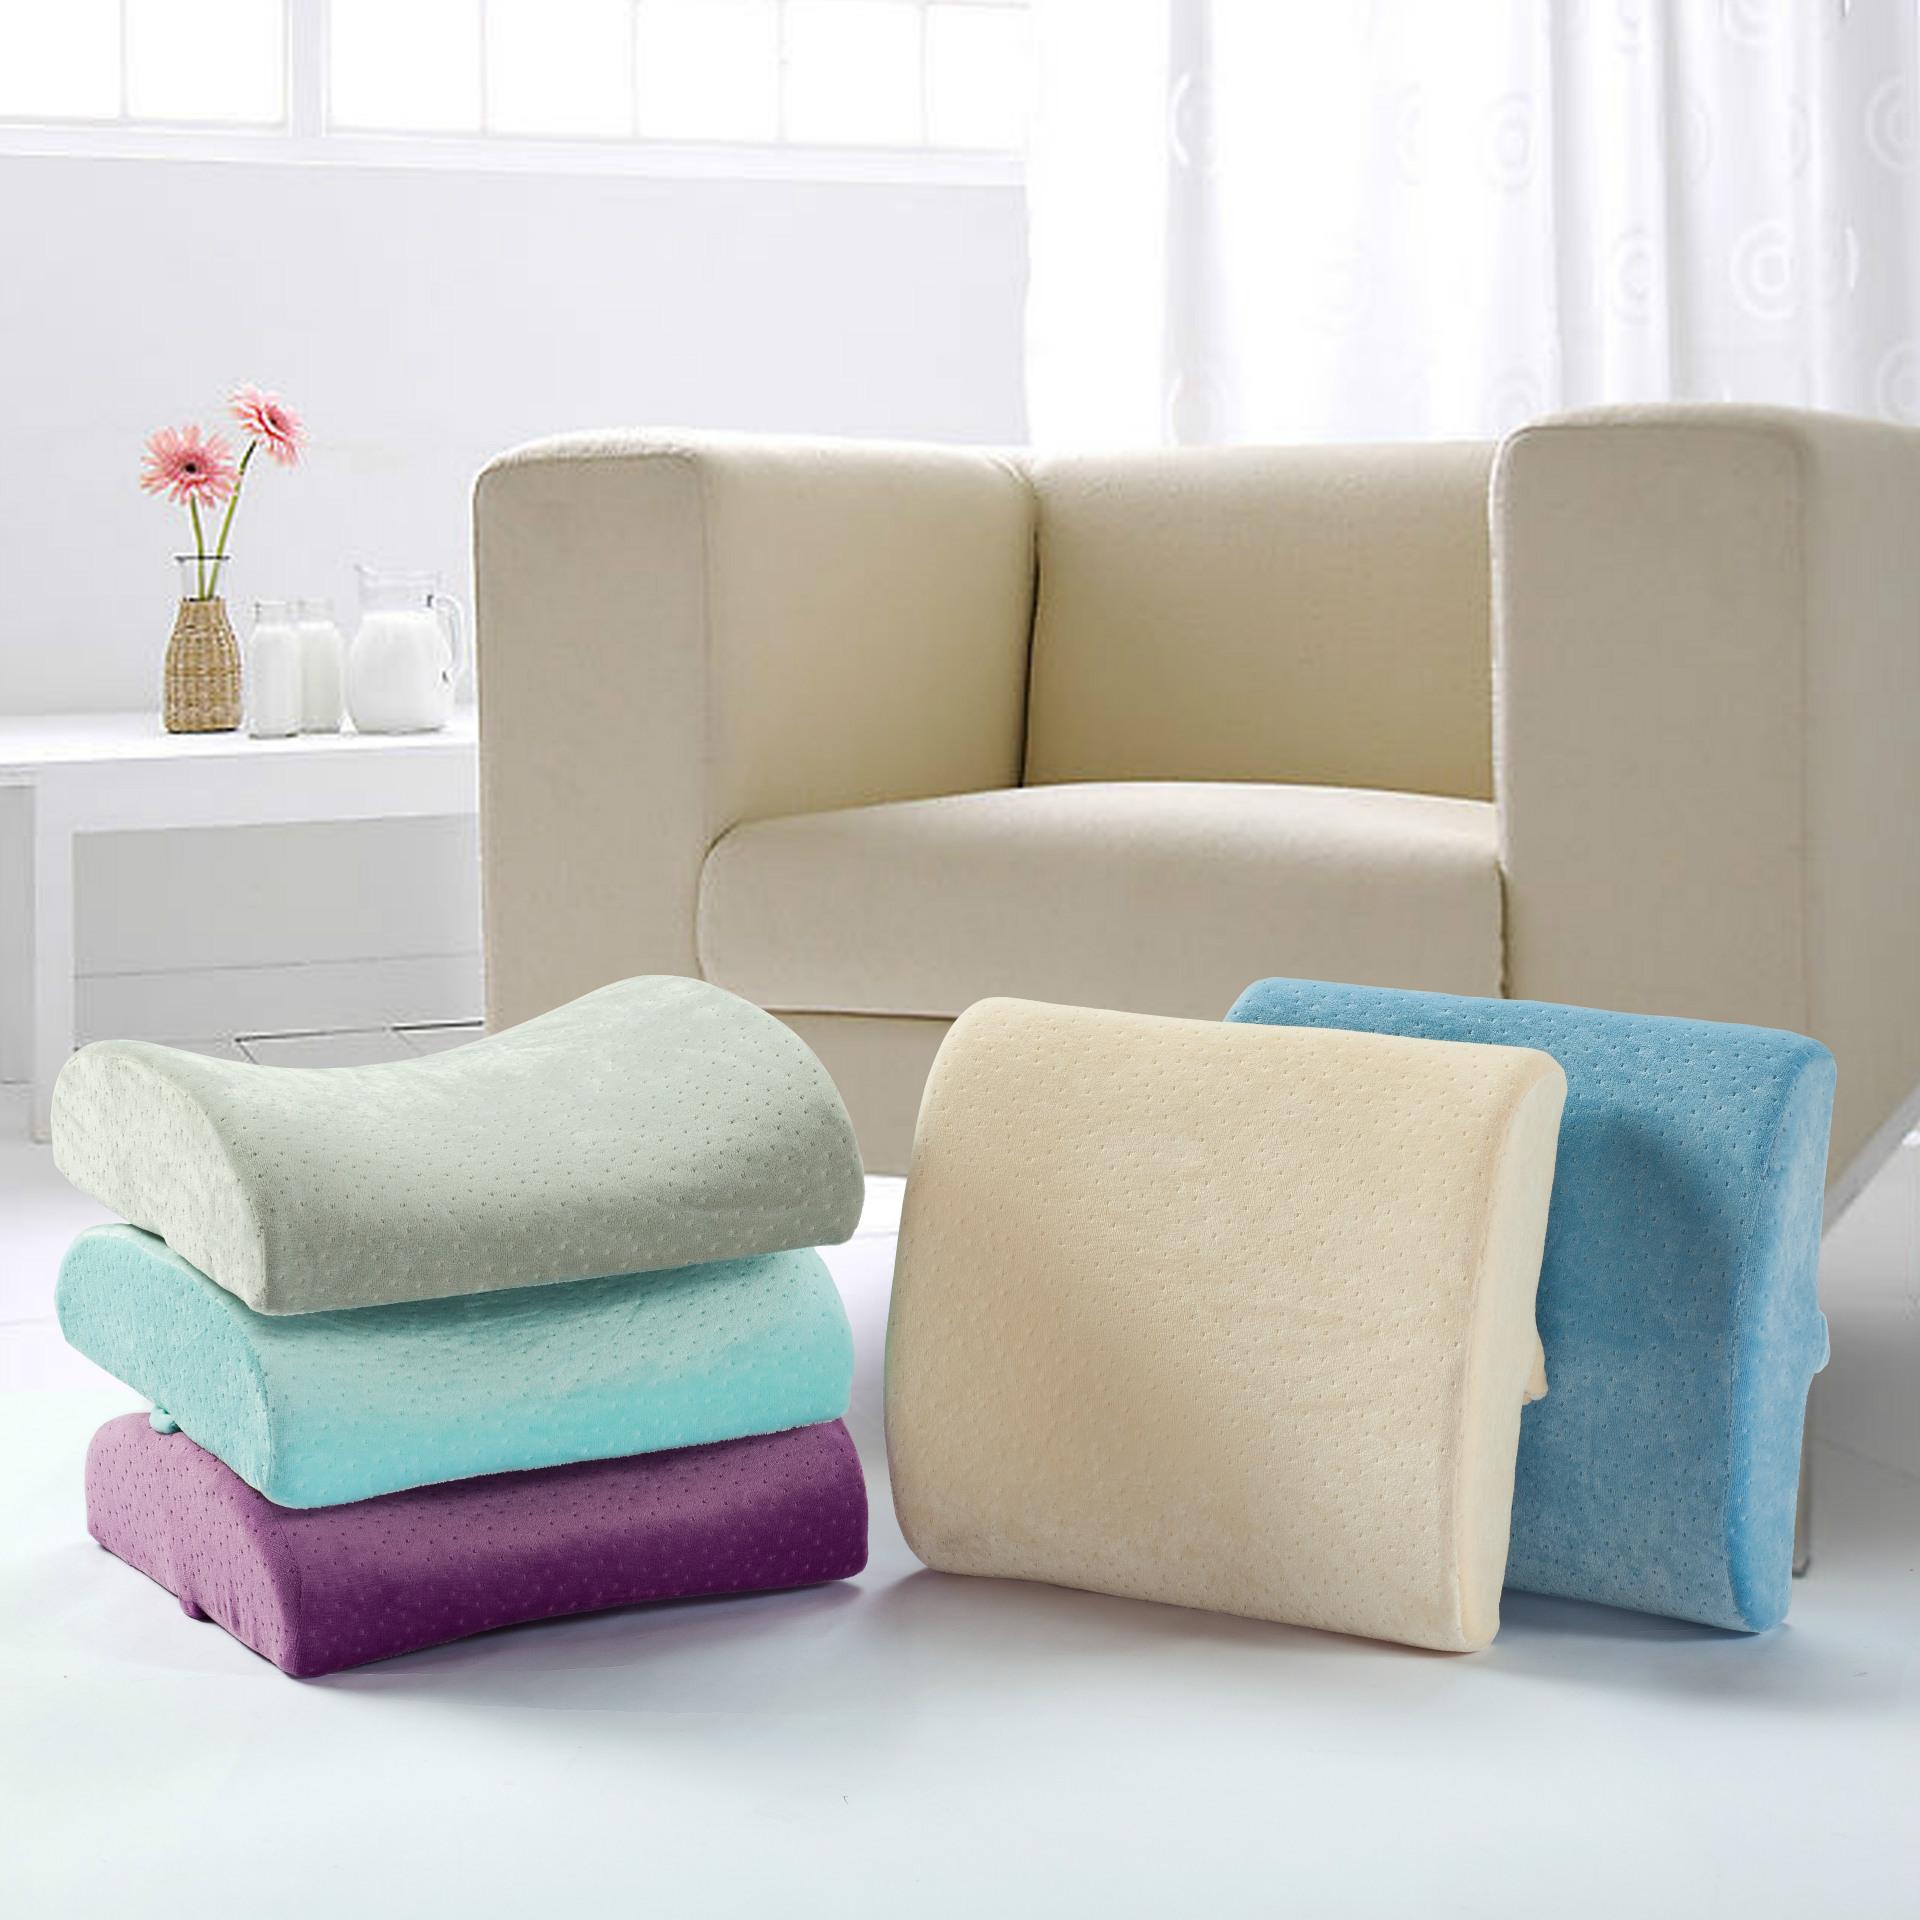 慢回弹记忆棉靠垫办公室座椅靠护腰枕汽车抱枕腰垫记忆棉孕妇靠枕